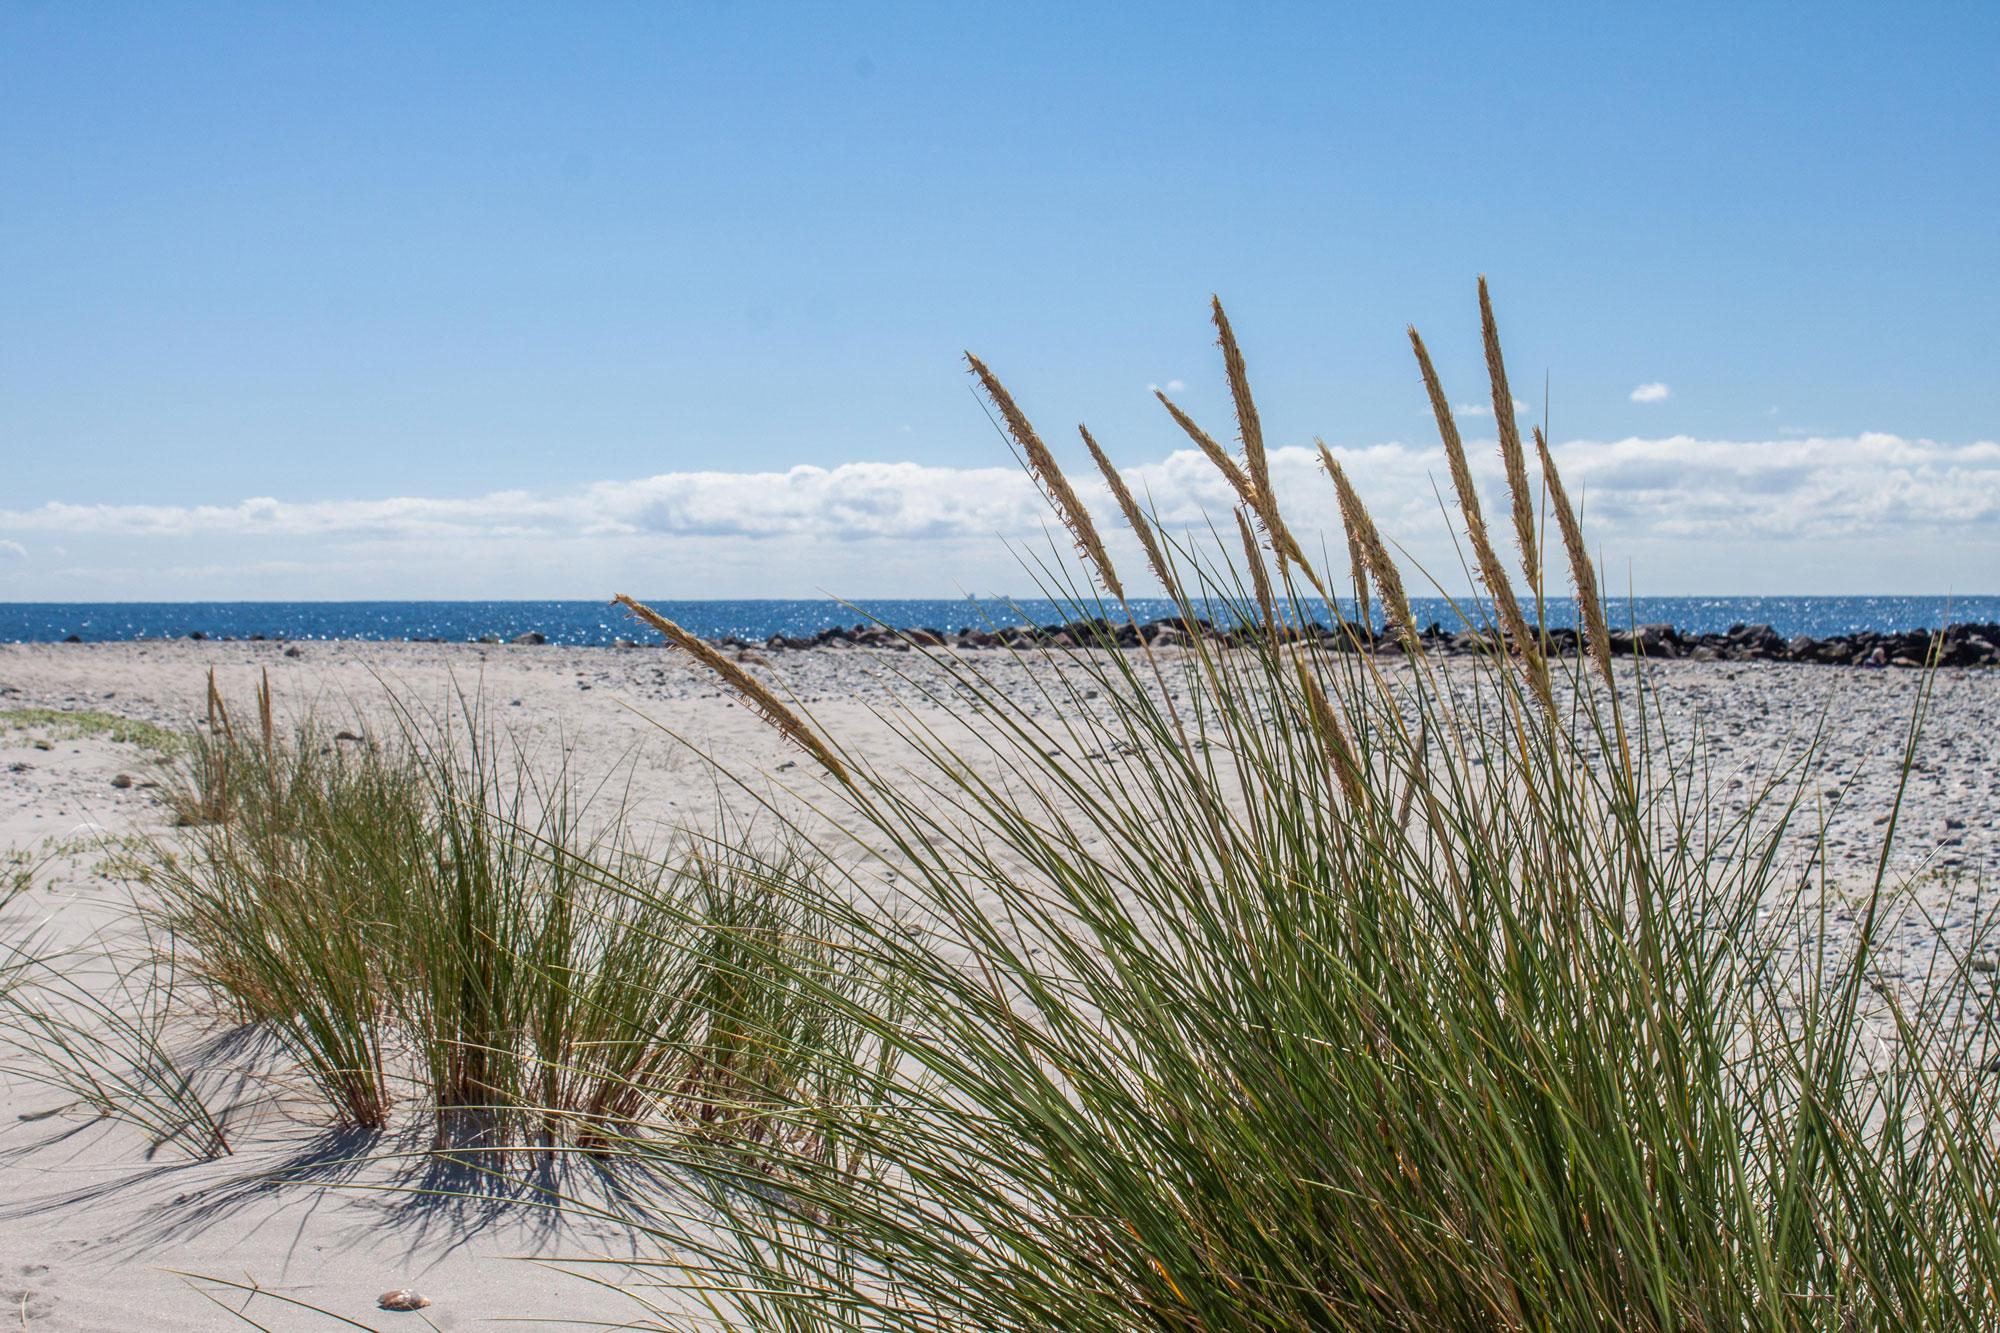 WWF Watt- und Inselexpedition Baltrum